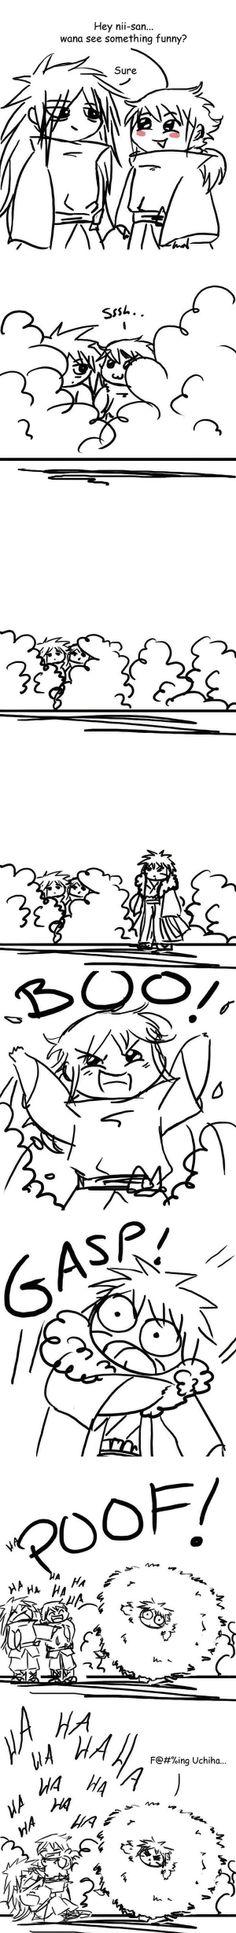 Tobirama Senju, Madara and Izuna Uchiha.I think I just died laughing! Madara Vs Hashirama, Naruto Y Boruto, Narusaku, Naruto Art, Naruhina, Itachi, Anime Naruto, Shikatema, Akatsuki